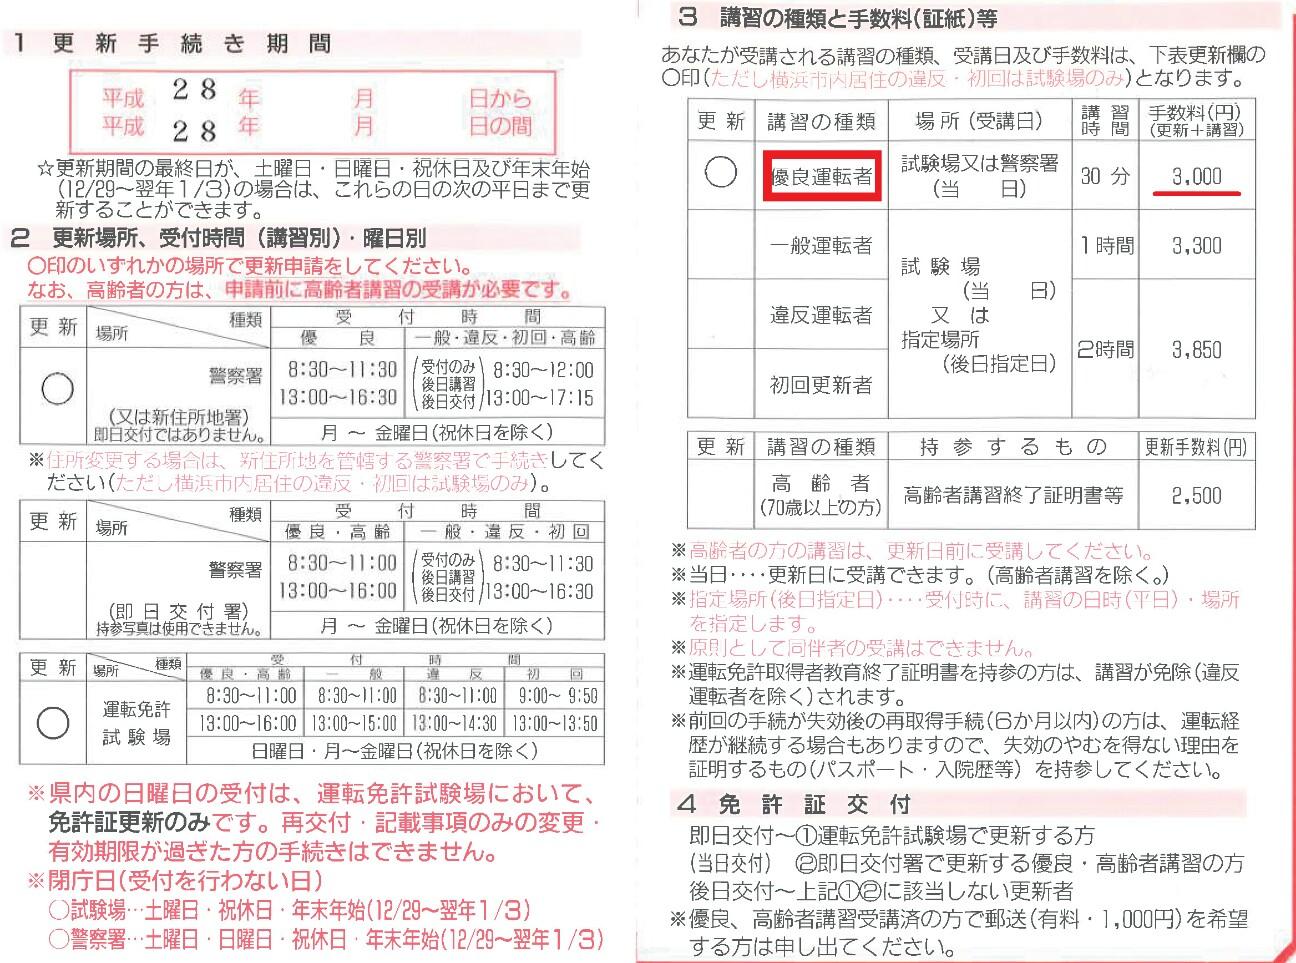 f:id:furutakeru:20161010193925j:plain